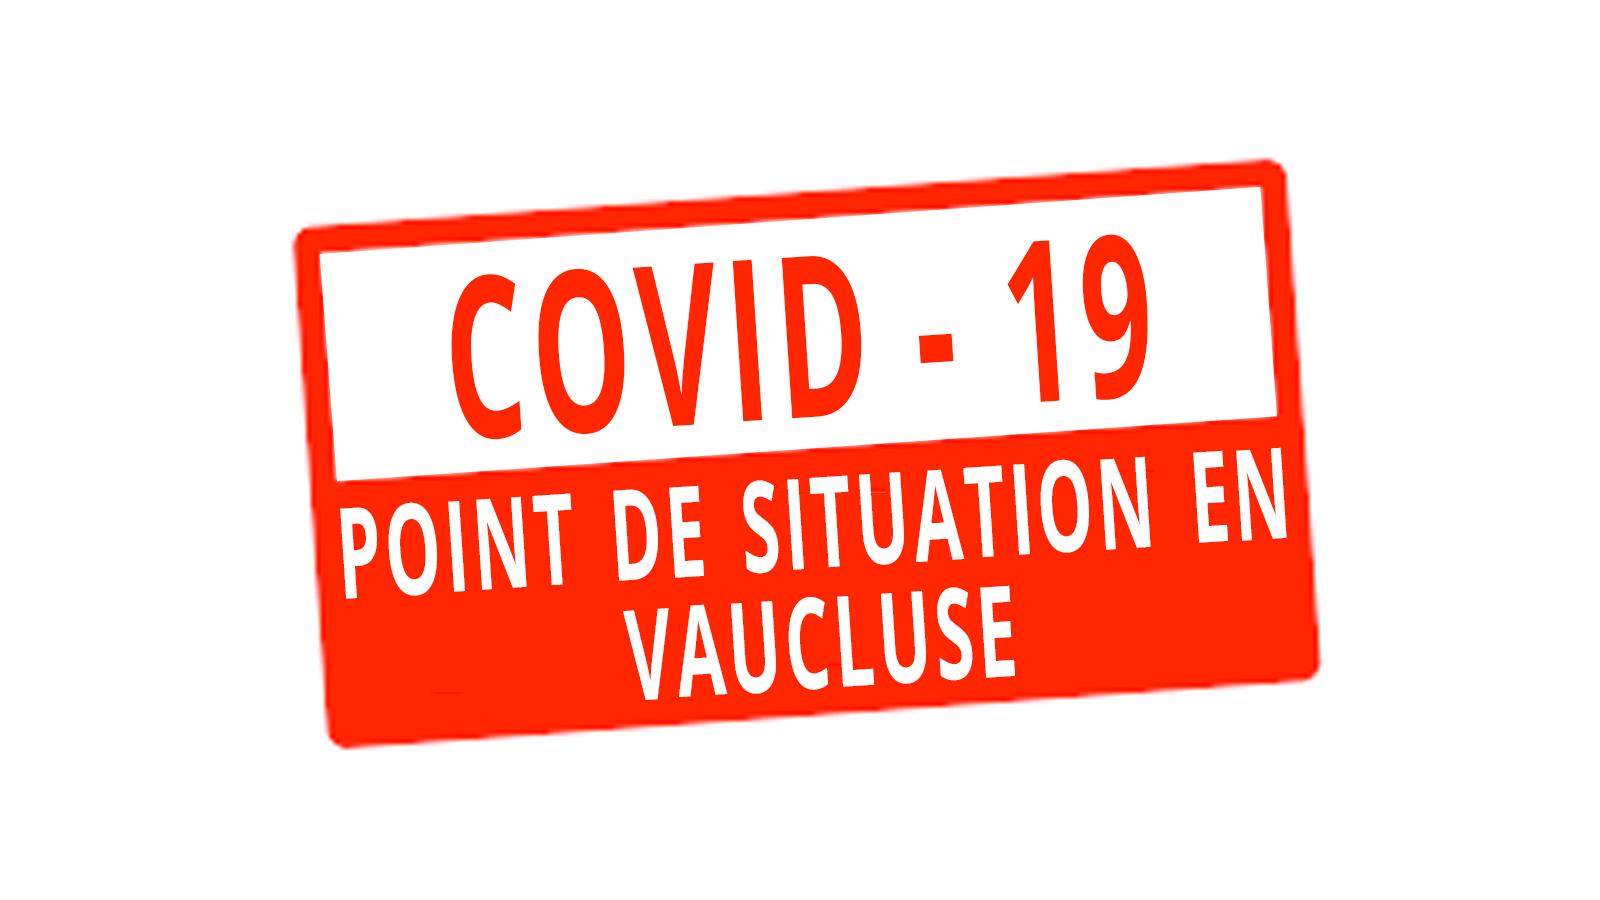 COVID19 - POINT DE SITUATION EN VAUCLUSE